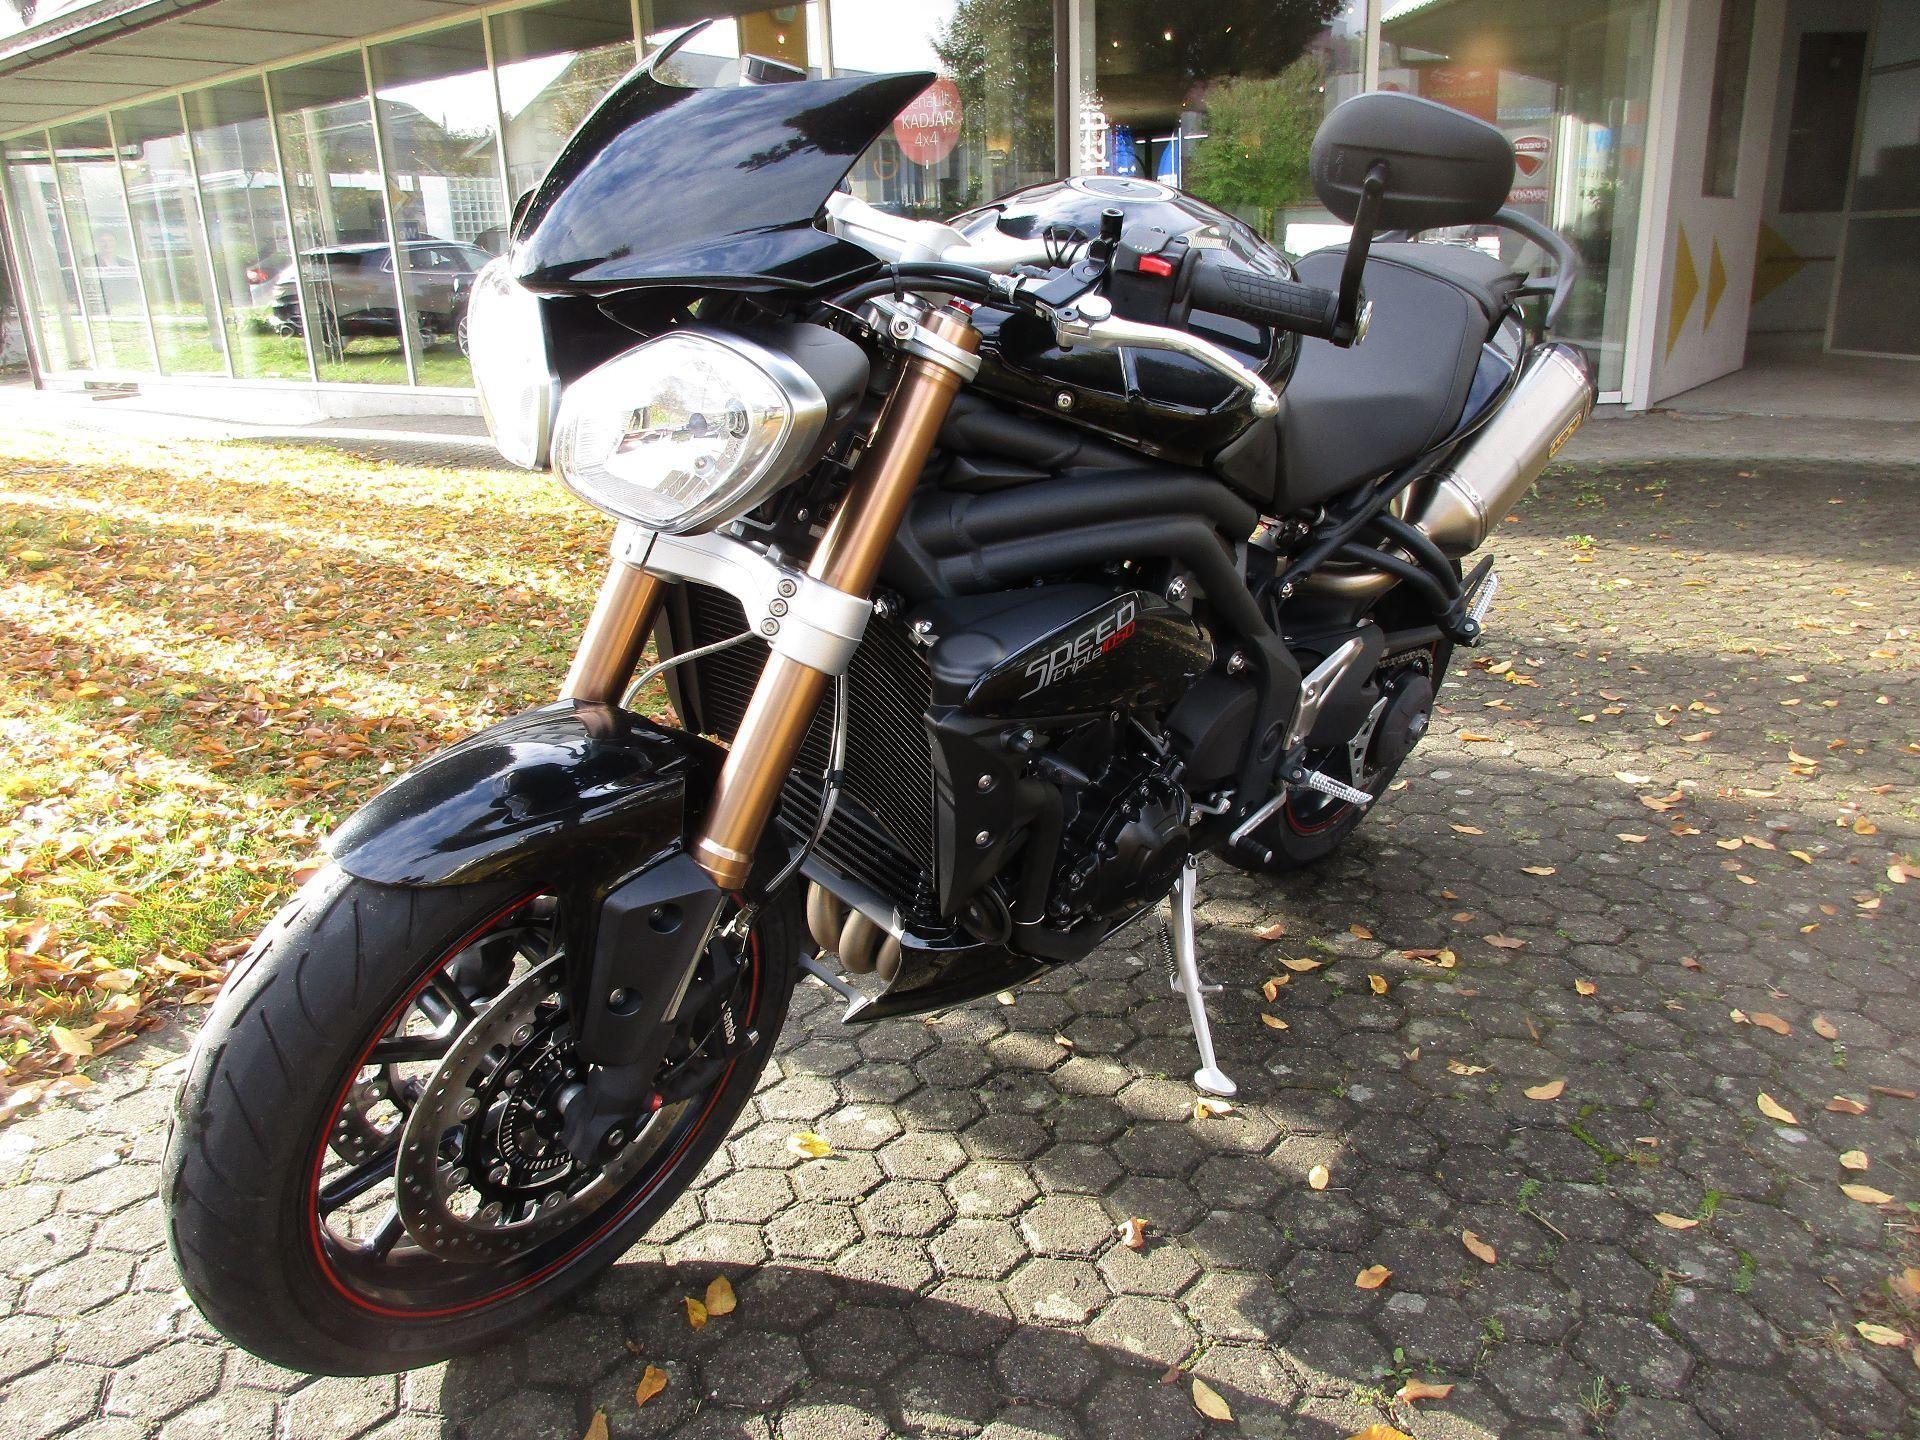 motorrad occasion kaufen triumph speed triple 1050 abs motoria gmbh wohlen. Black Bedroom Furniture Sets. Home Design Ideas